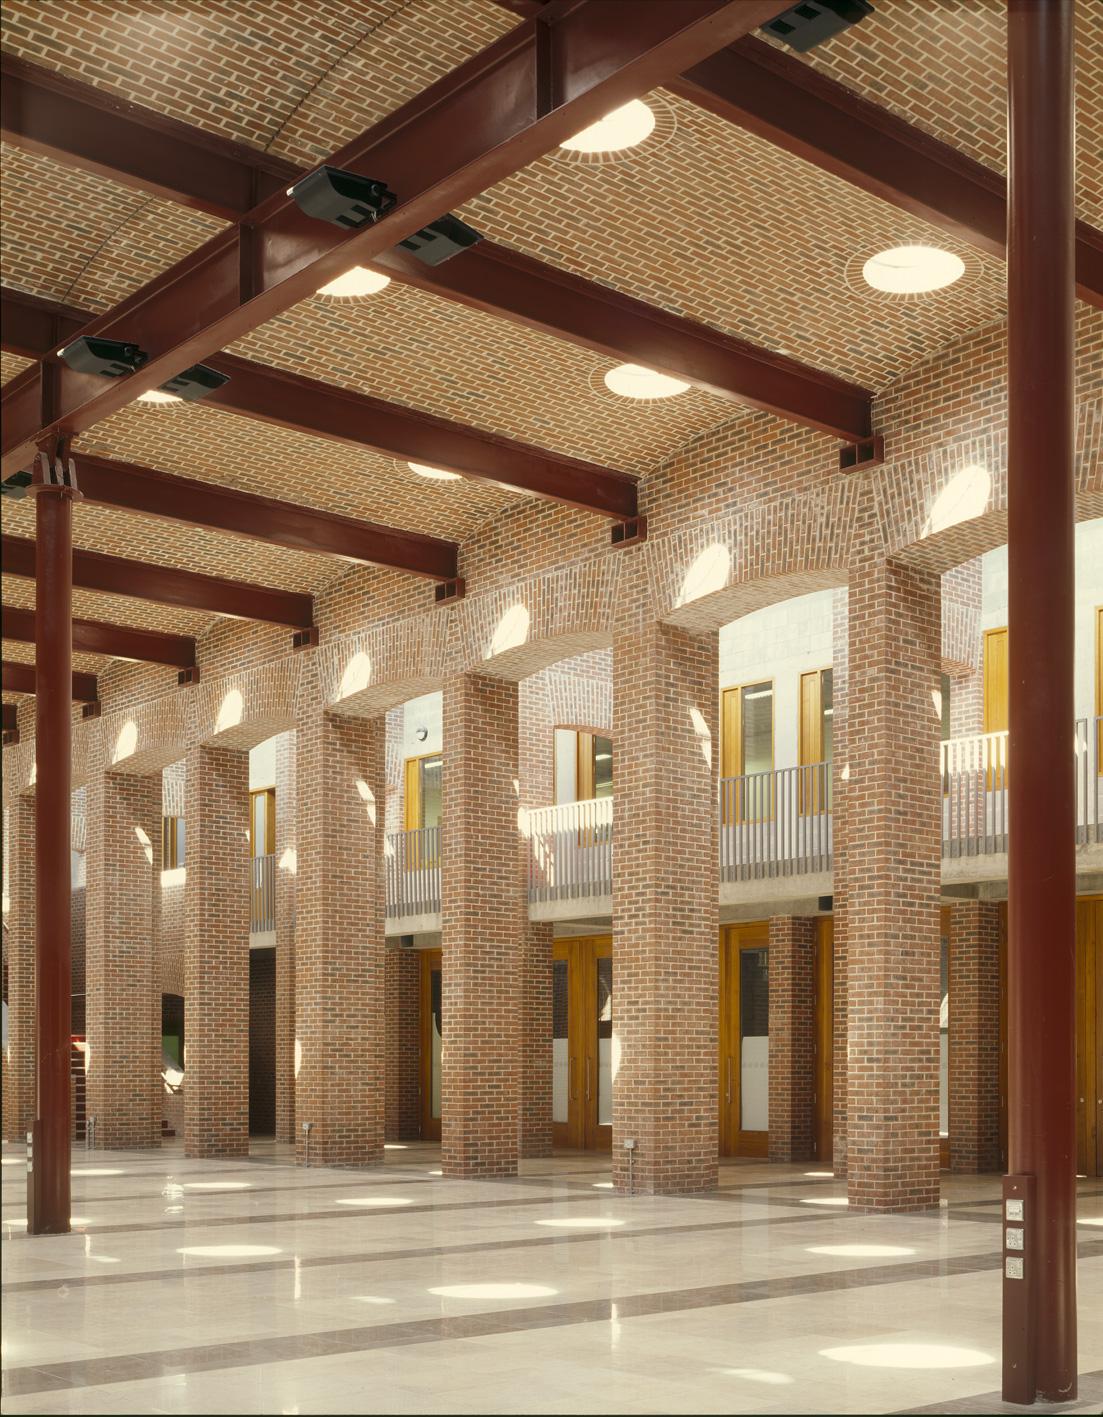 4 CIT - Student Centre